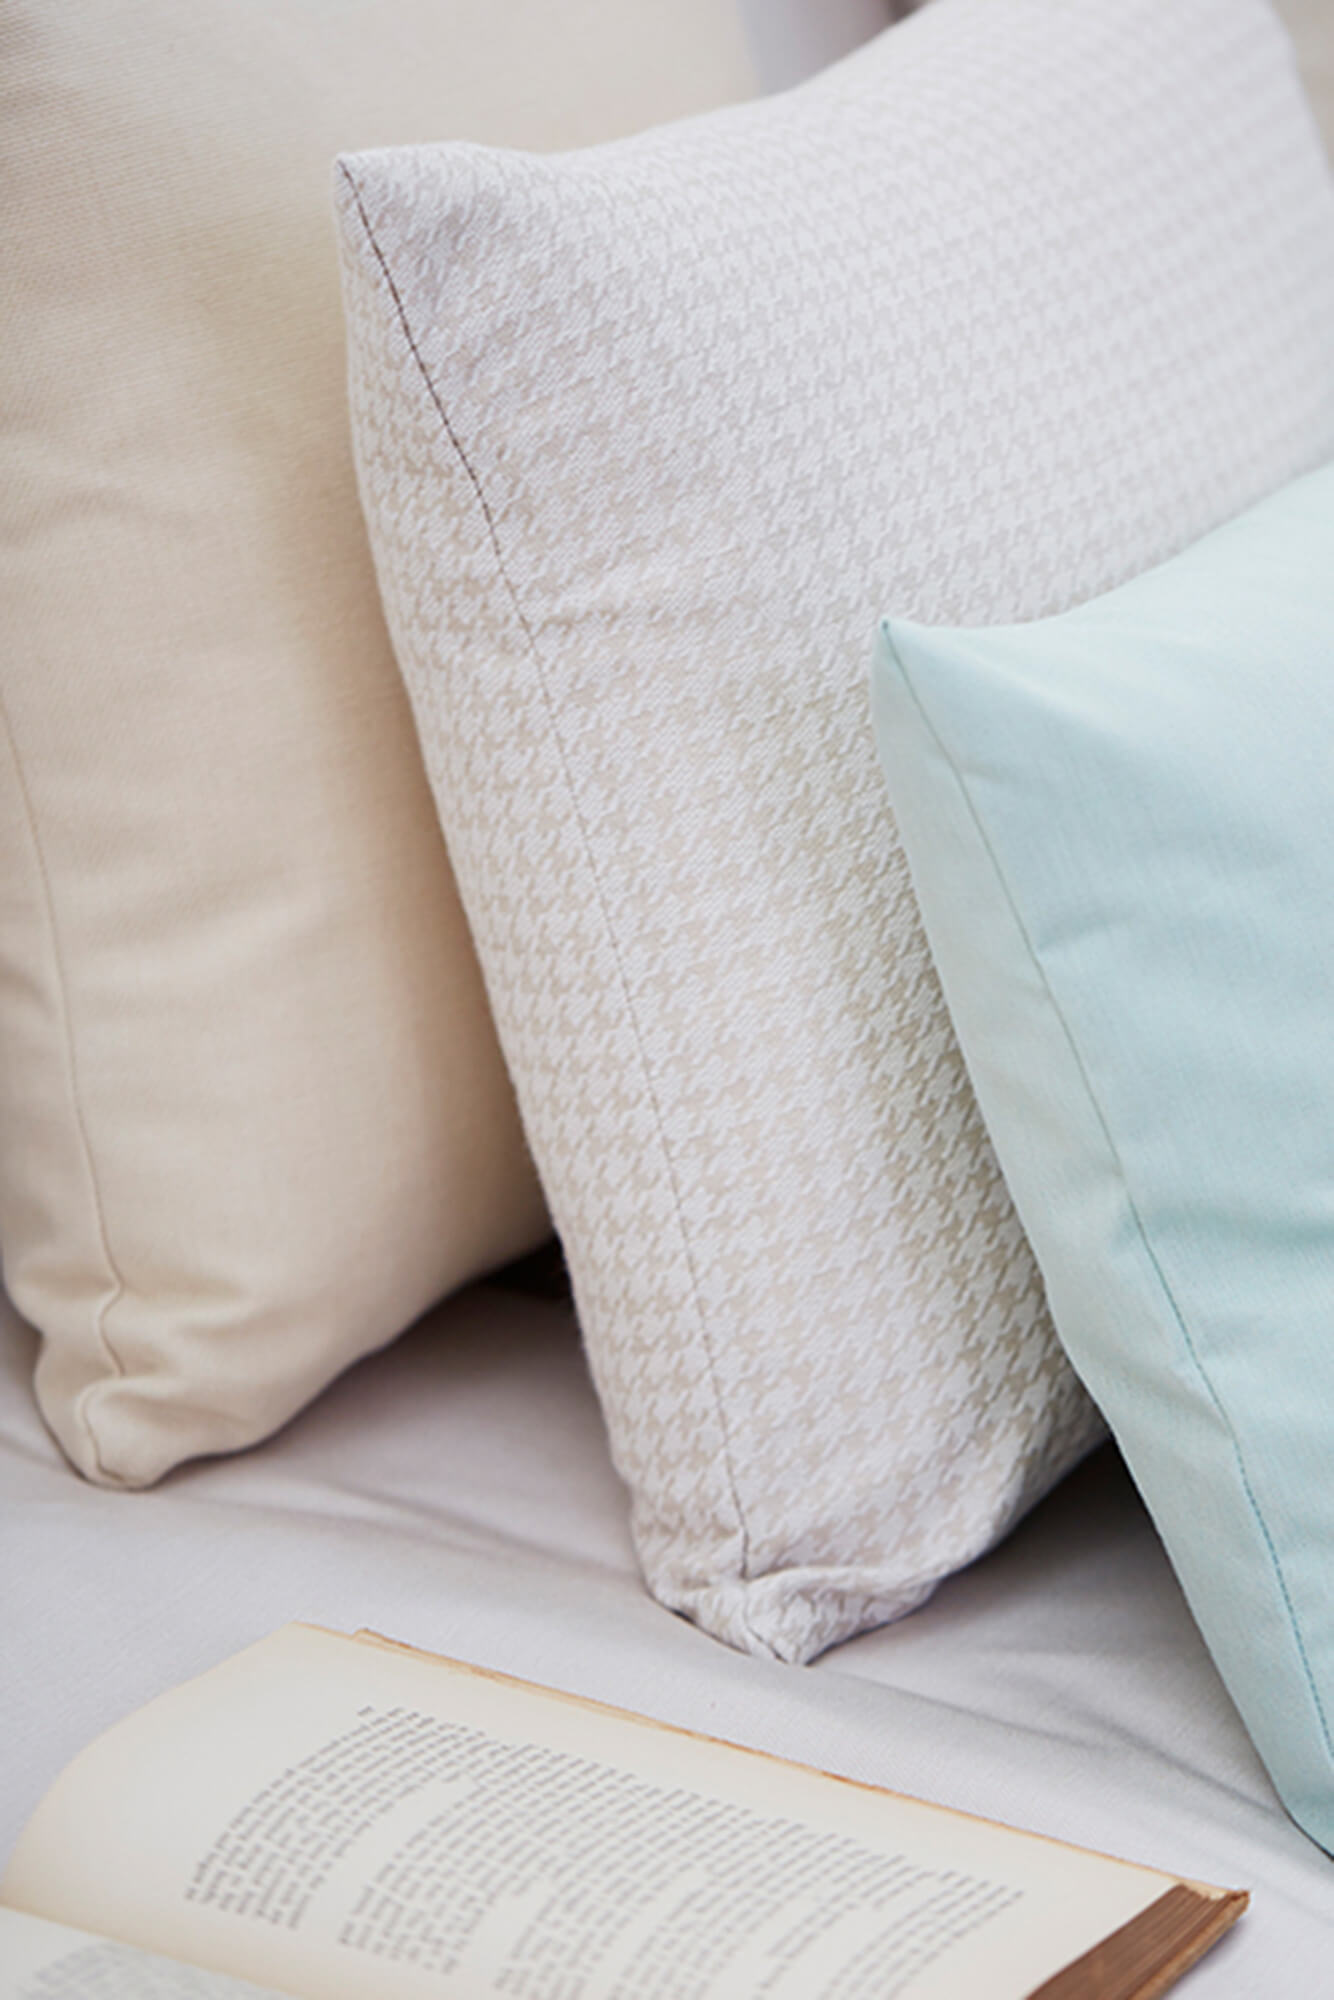 白色沙发上由 Sunbrella 织物制成的大地色调和青色的枕头